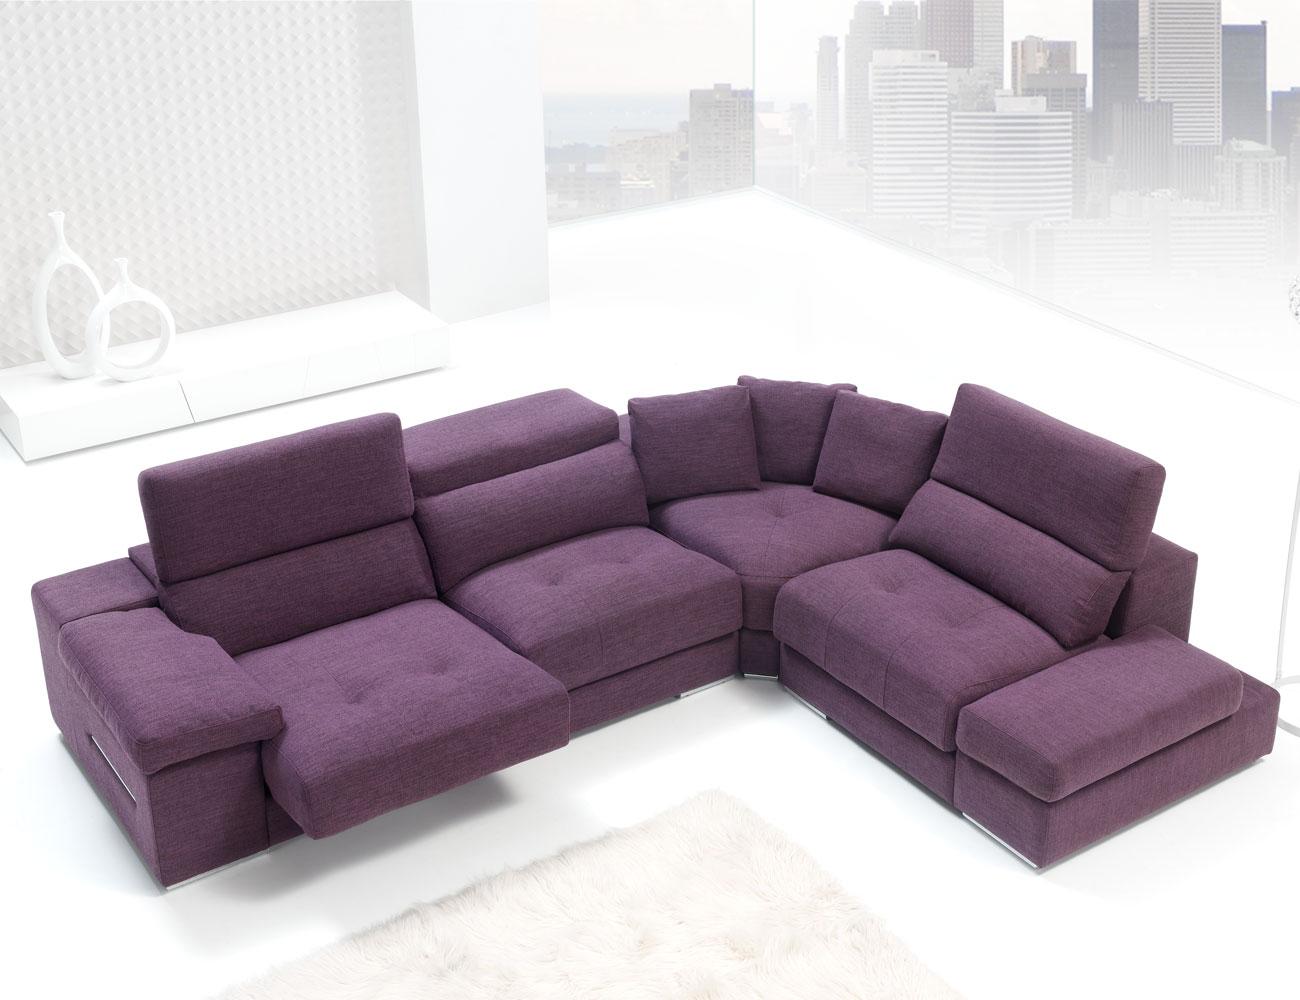 Sofa chaiselongue rincon con brazo mecanico tejido anti manchas 243